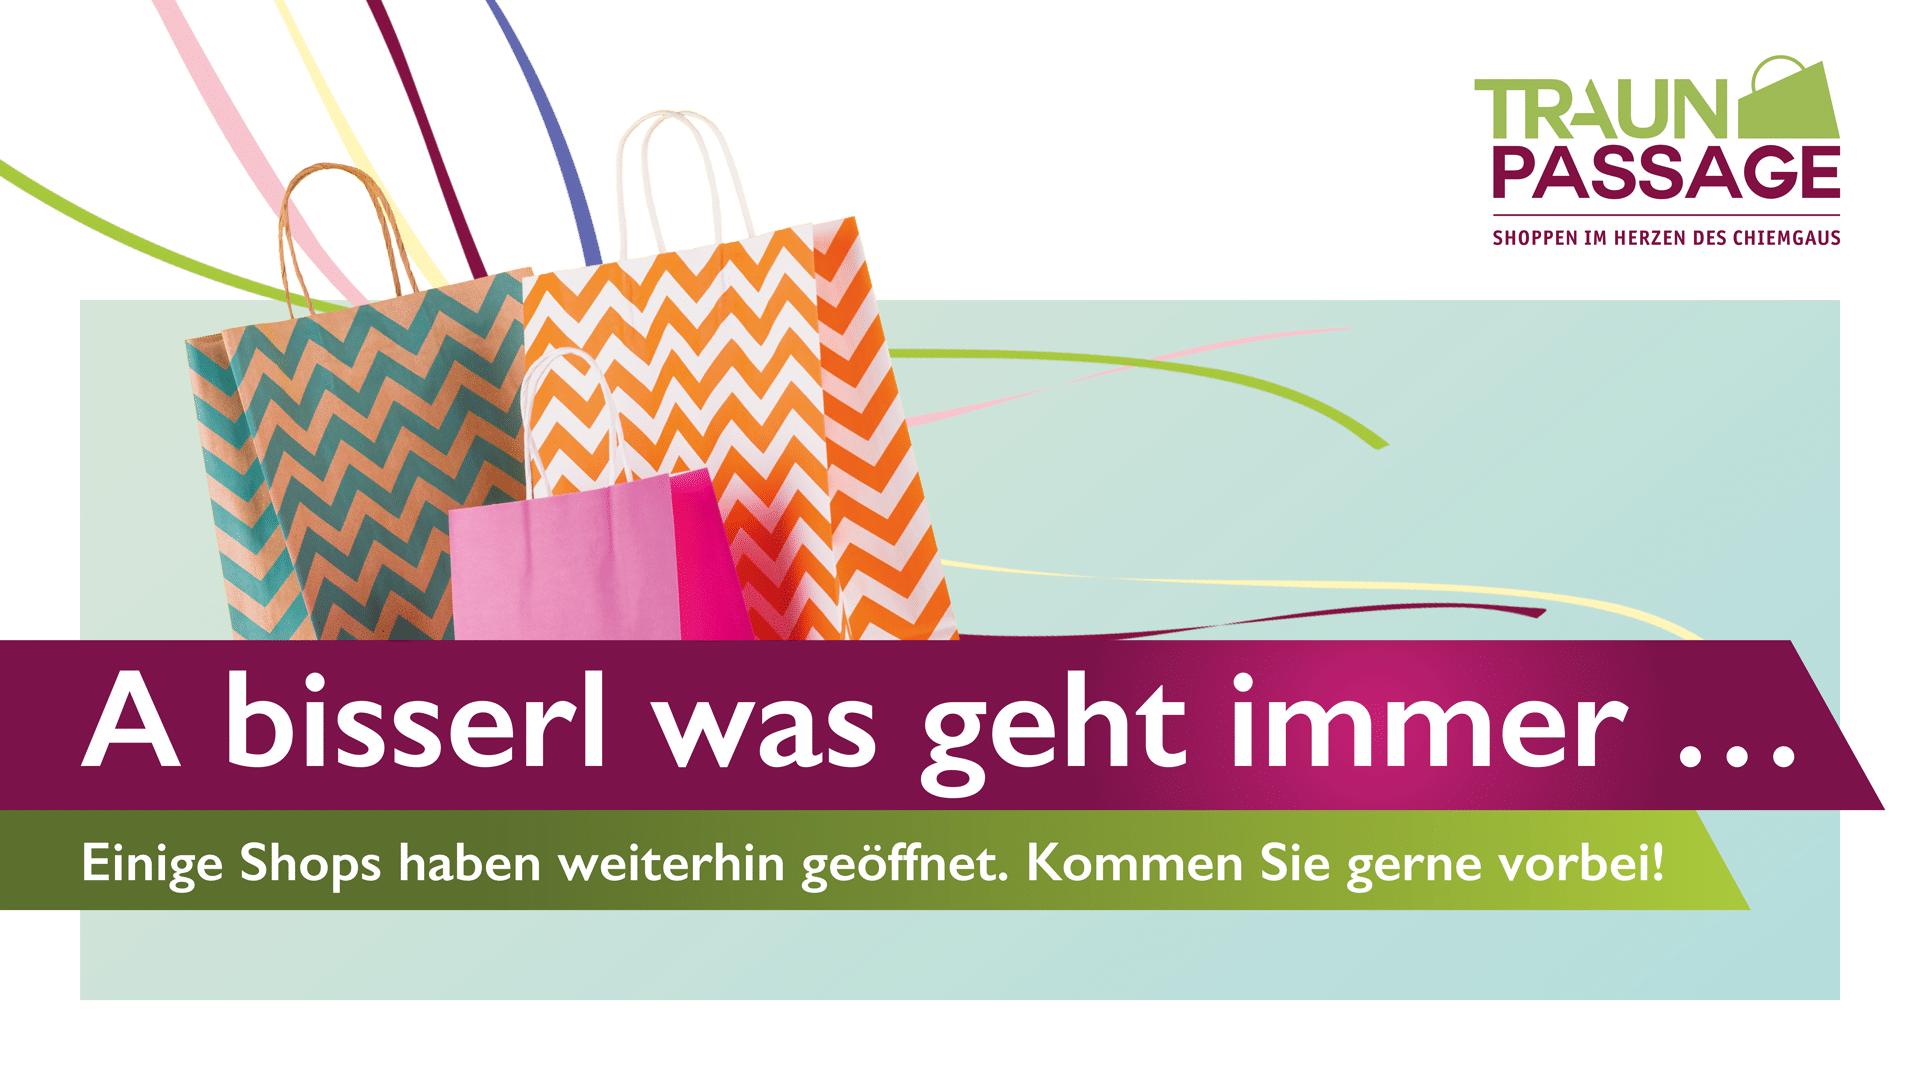 Website_Jetzt-erst-recht_Traunpassage_1920x1080[74]